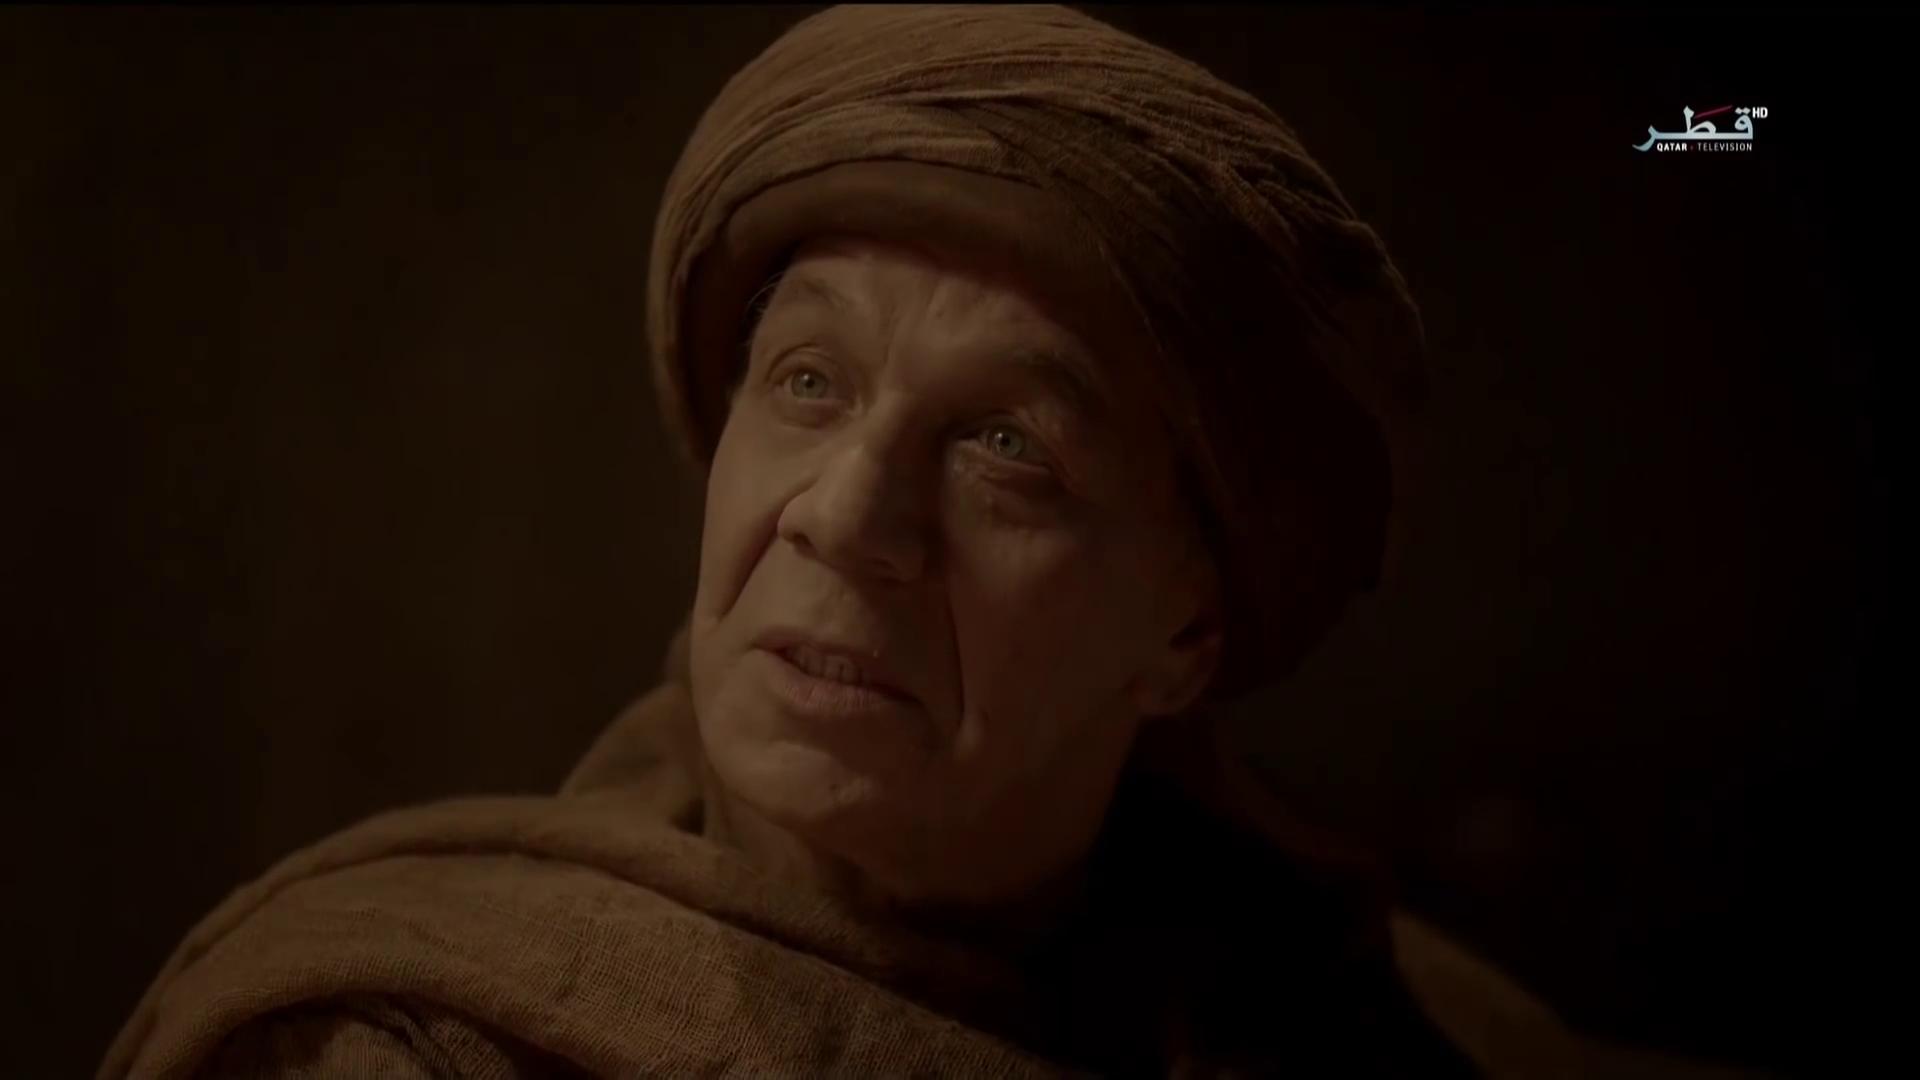 مسلسل قيامة أرطغرل [كامل الحلقات والمواسم] (مدبلج) ج1 || FHDTV 1080p تحميل تورنت 15 arabp2p.com